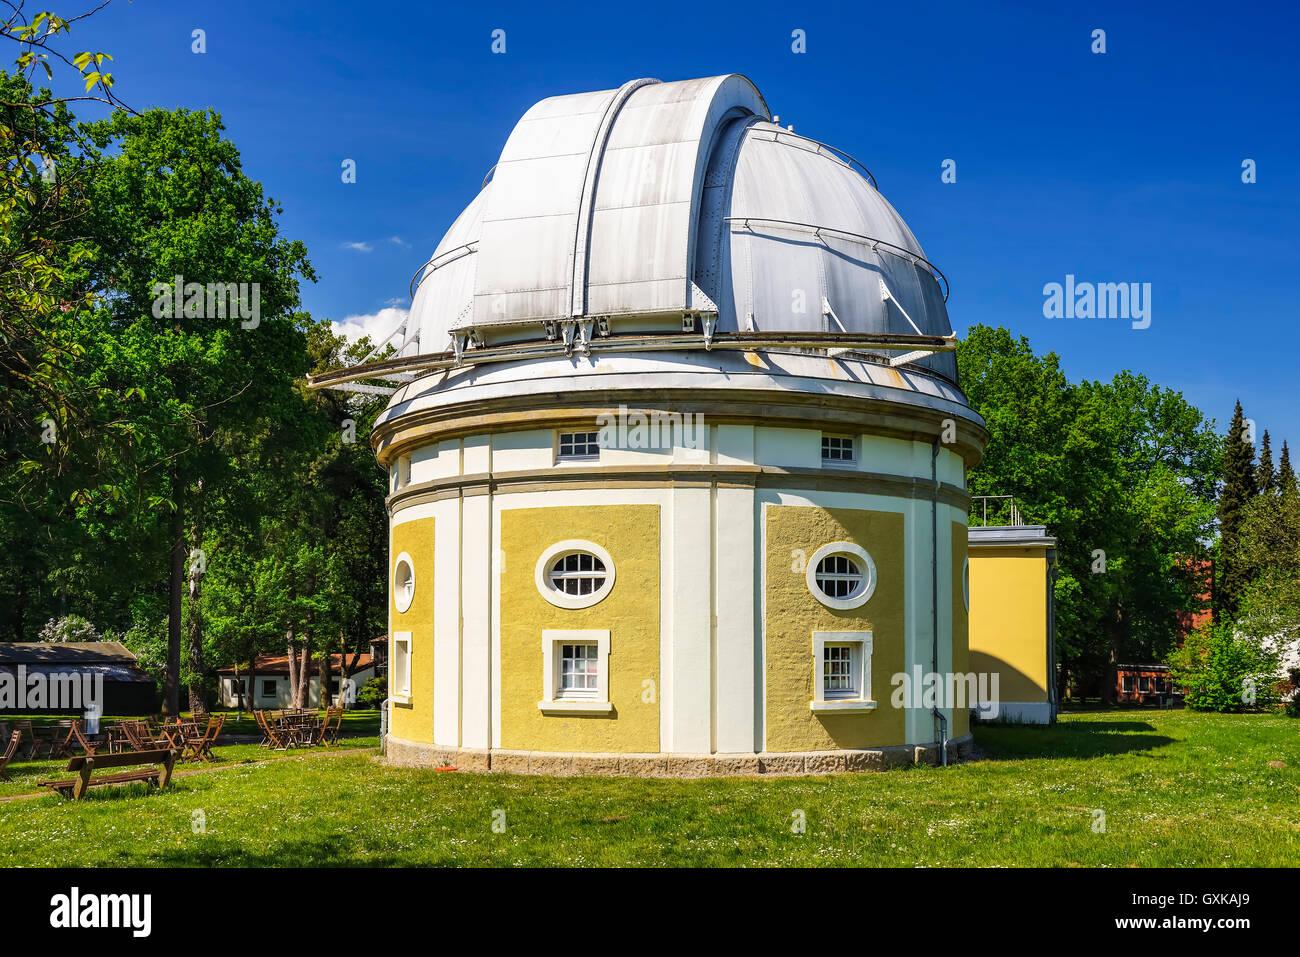 Sternwarte Hamburg, Gebäude des 1-m-Spiegelteleskops in Bergedorf, Hamburg, Deutschland, Europa Stock Photo